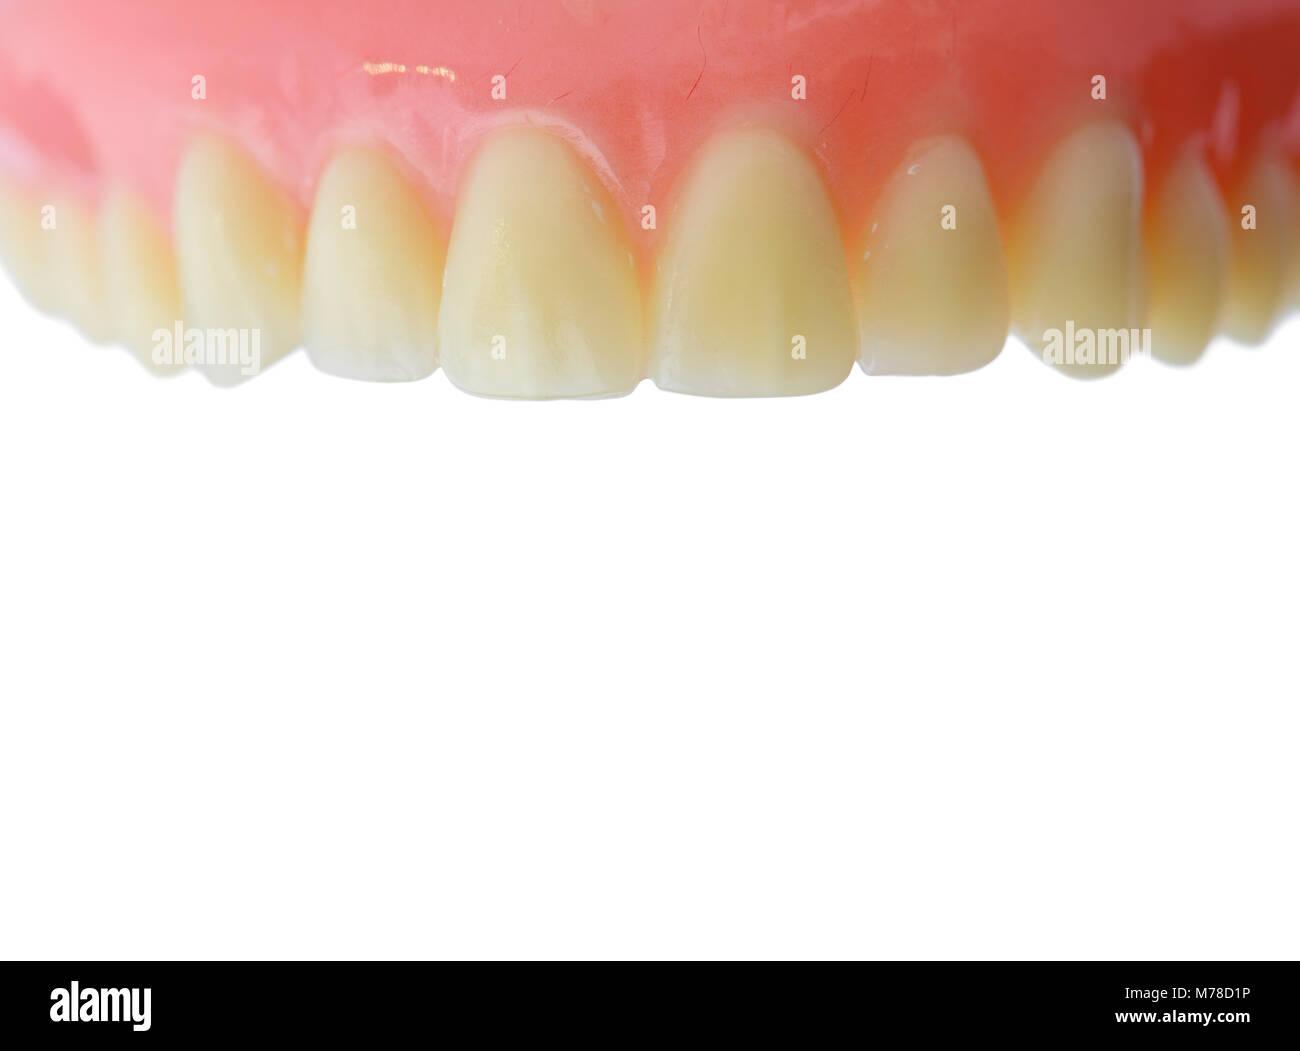 Ausgezeichnet Anatomie Der Zähne Und Des Zahnfleischs Bilder ...